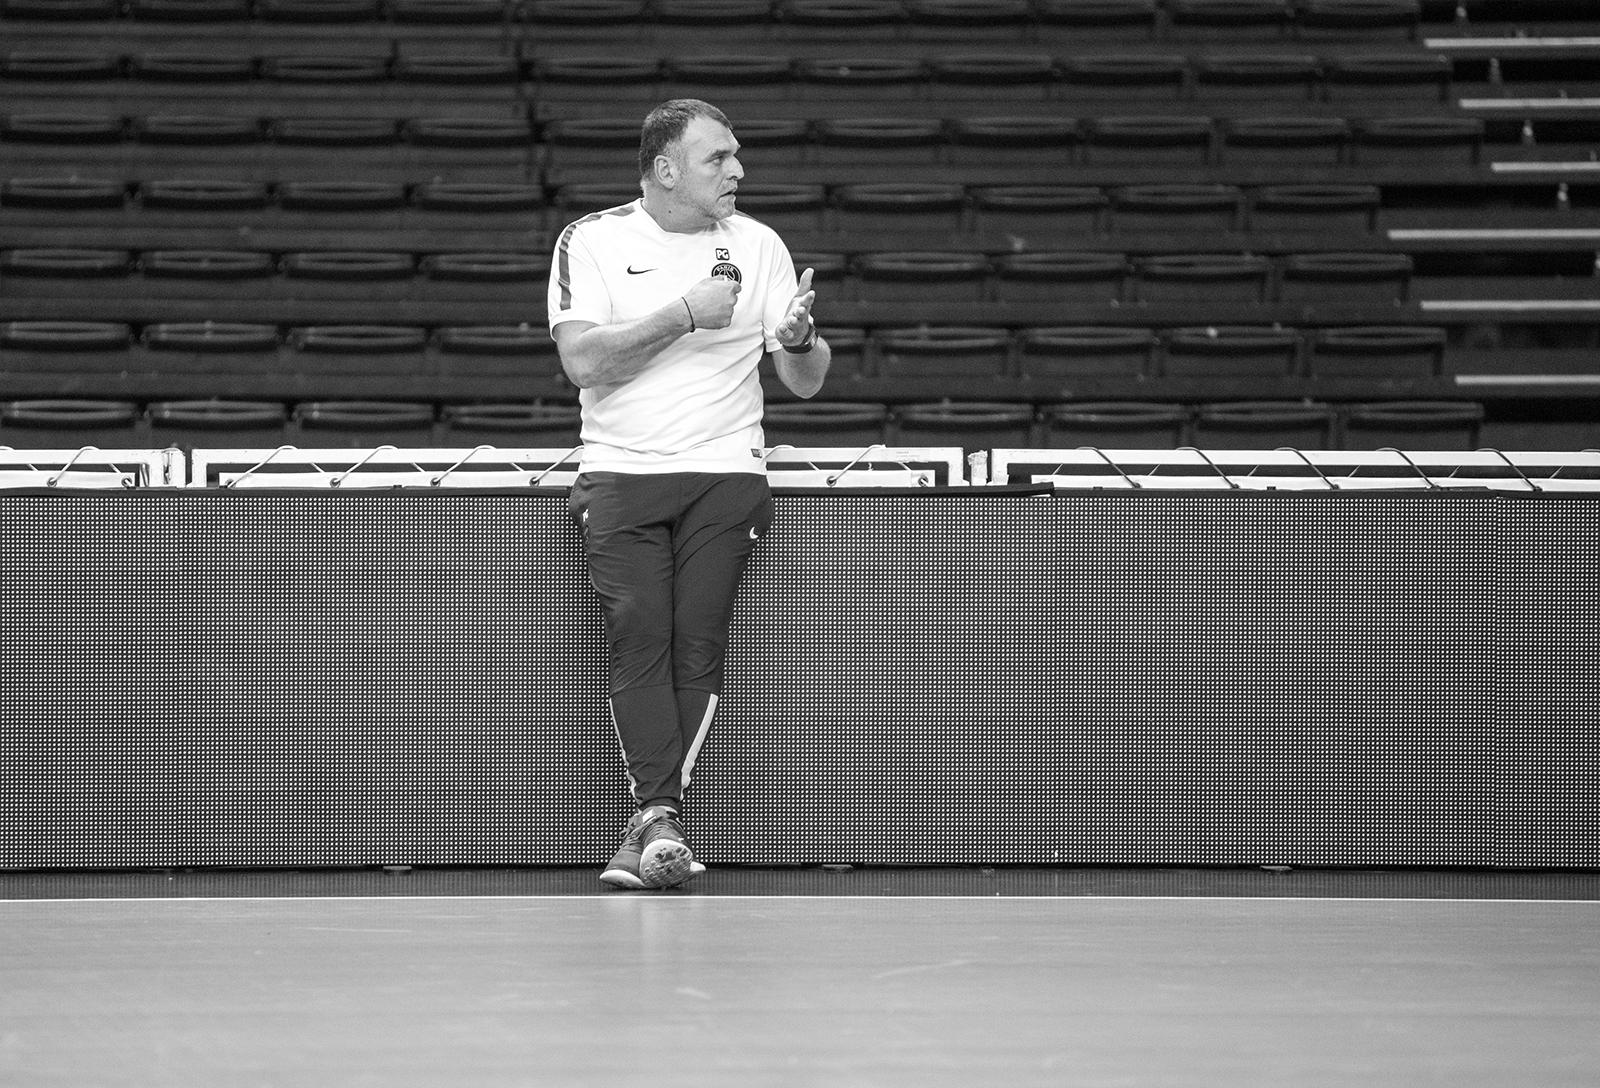 Philippe Gardent - PSG Handball - awa - asweare